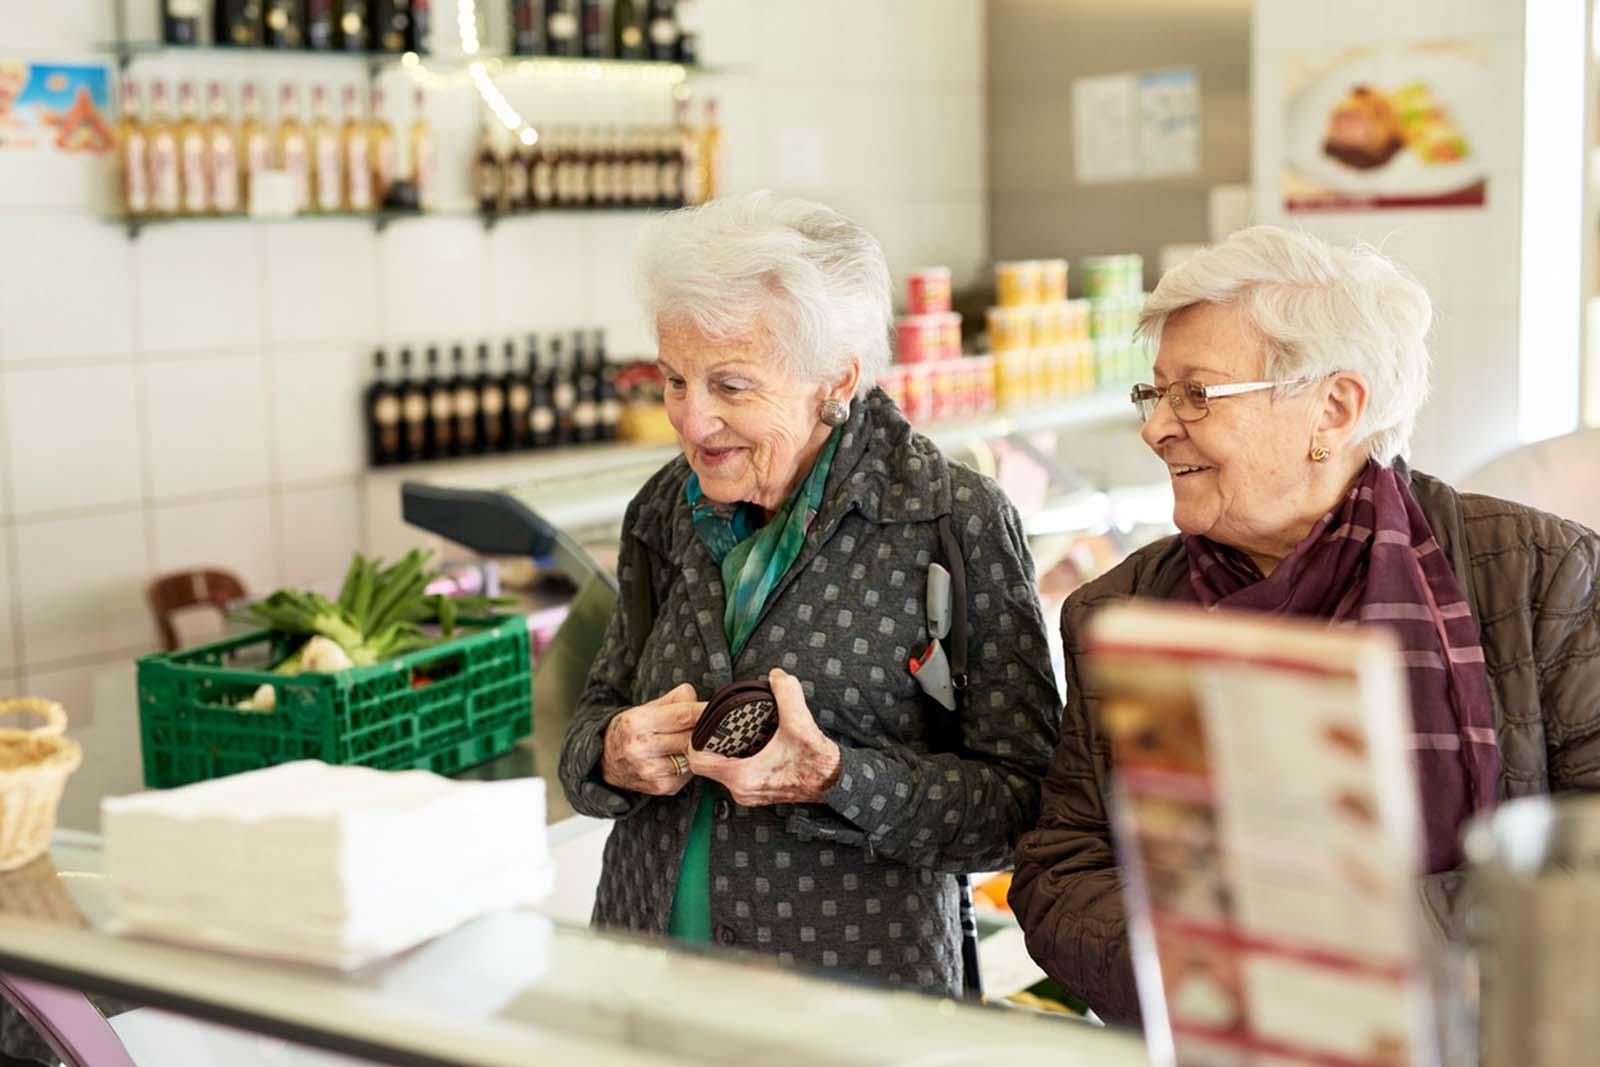 Gemeinsam gesunde Lebensmittel einkaufen